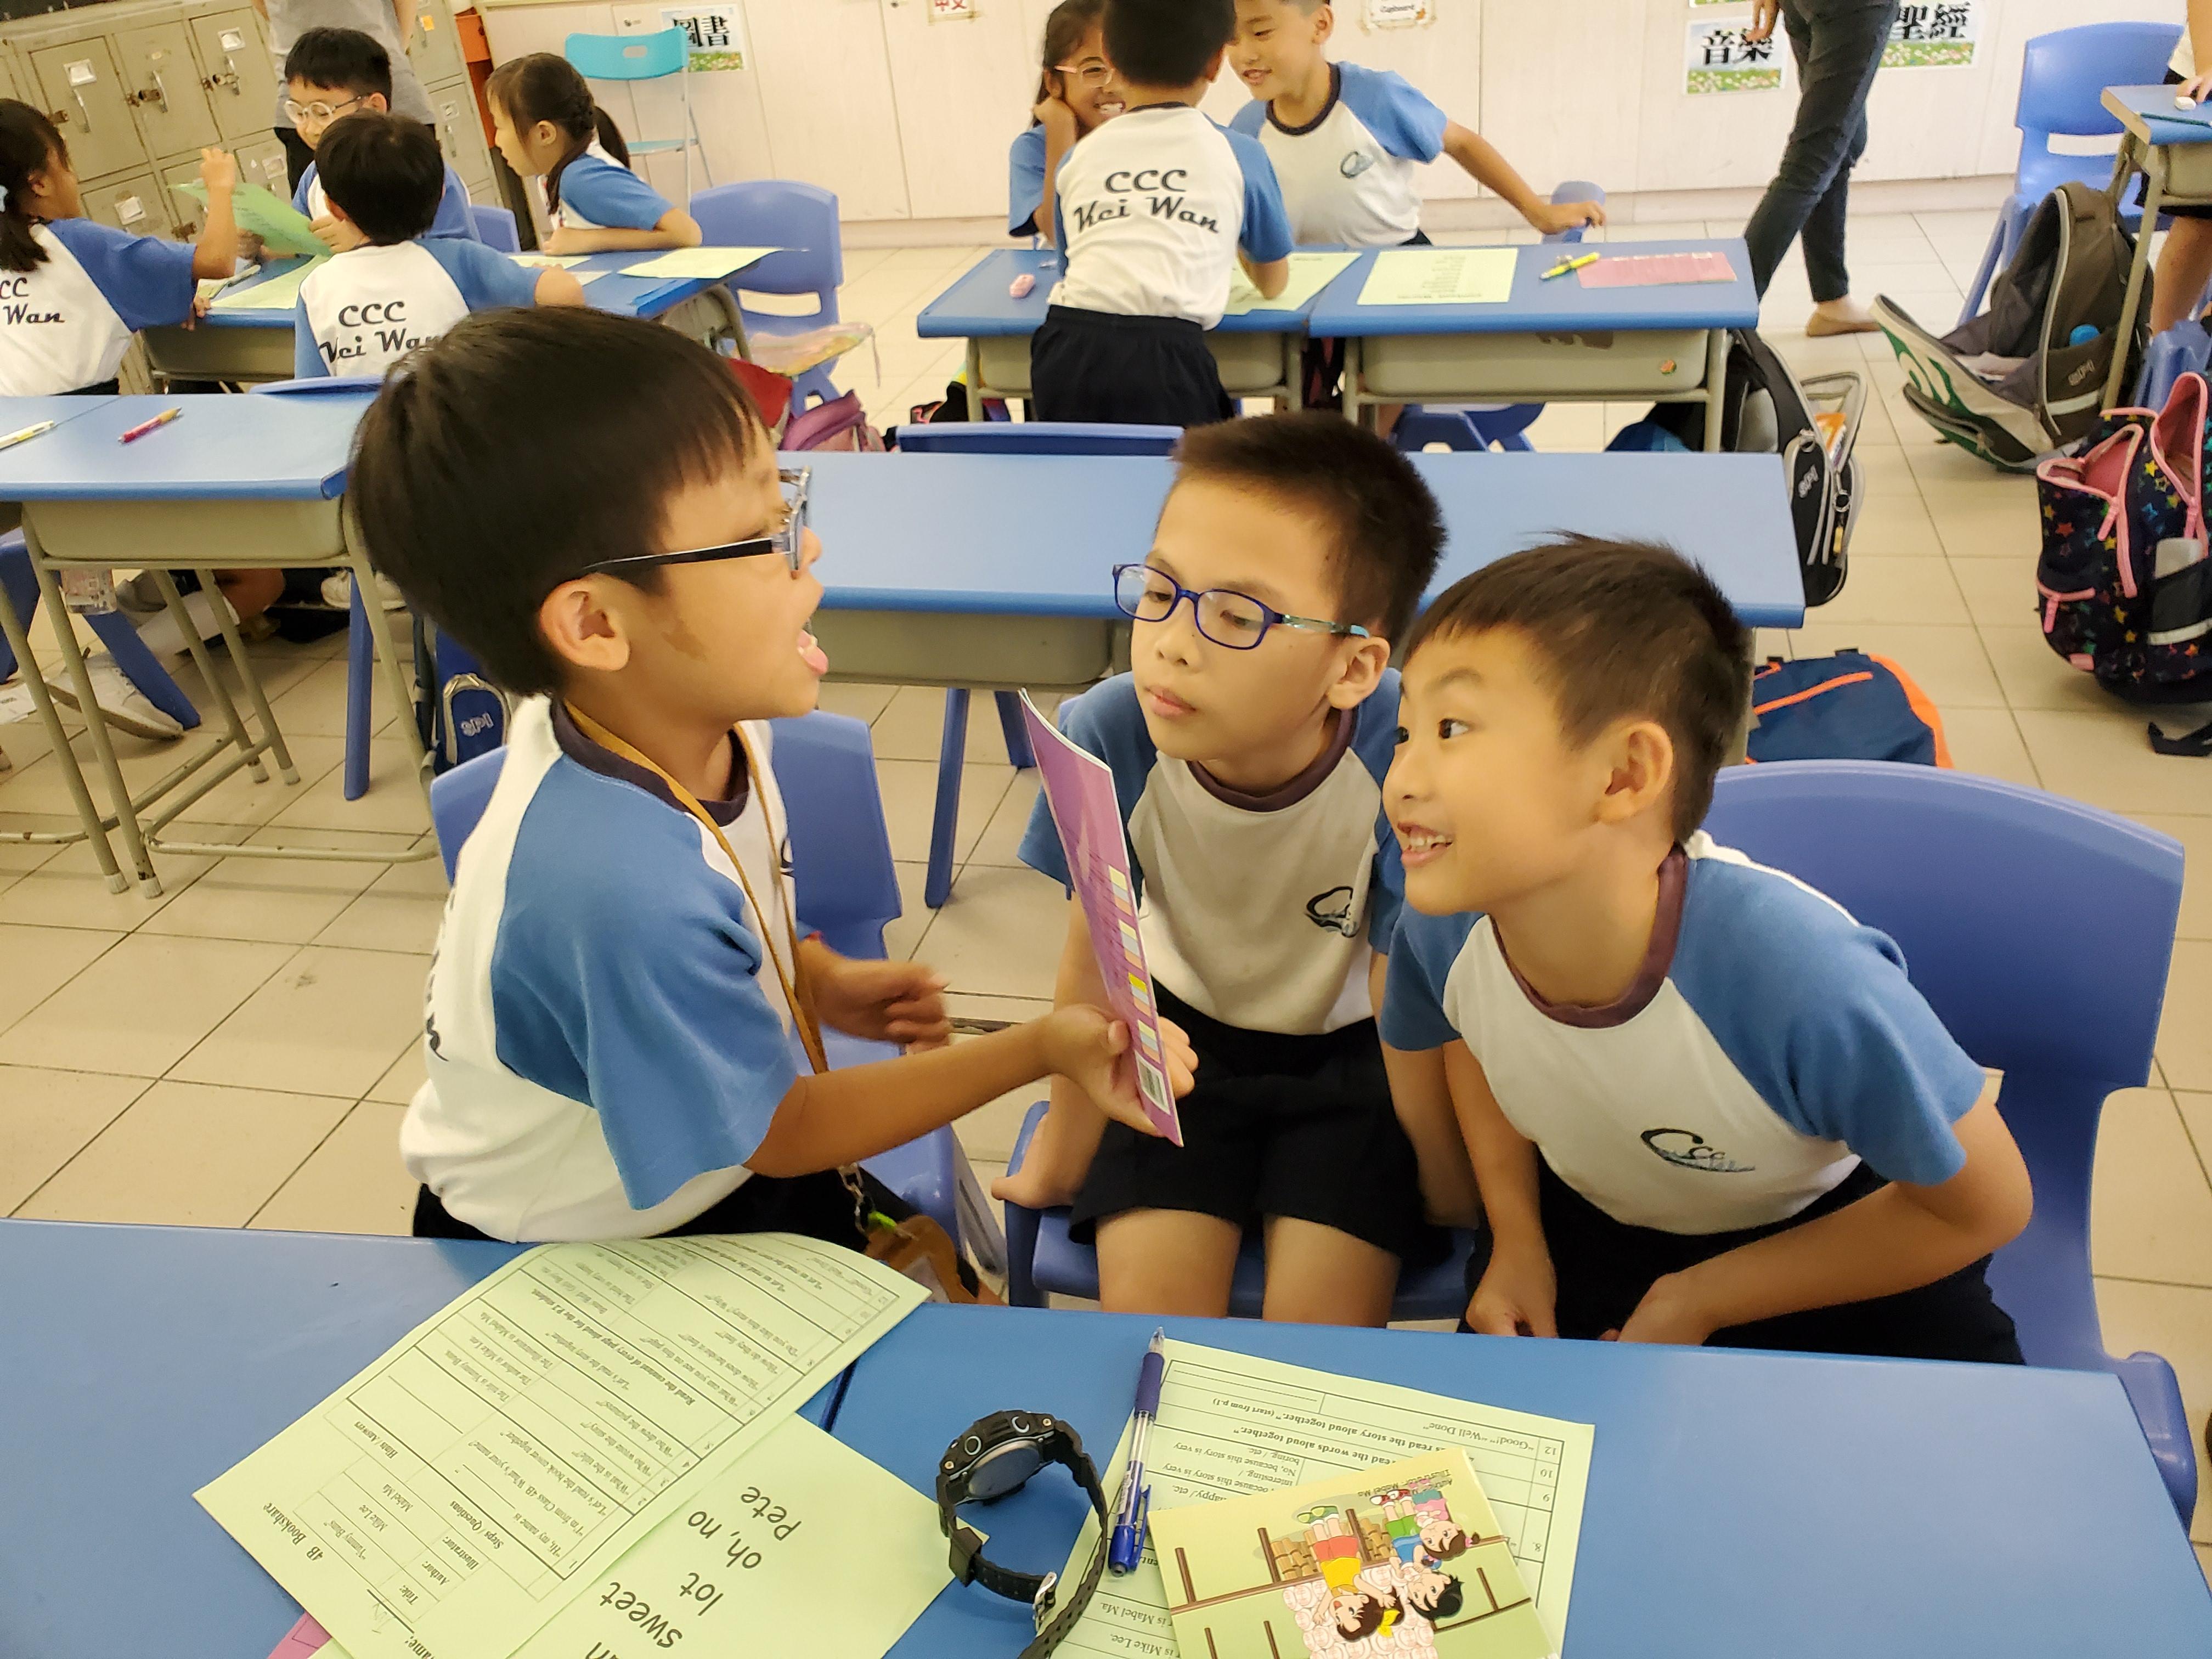 http://www.keiwan.edu.hk/sites/default/files/38_1.jpg